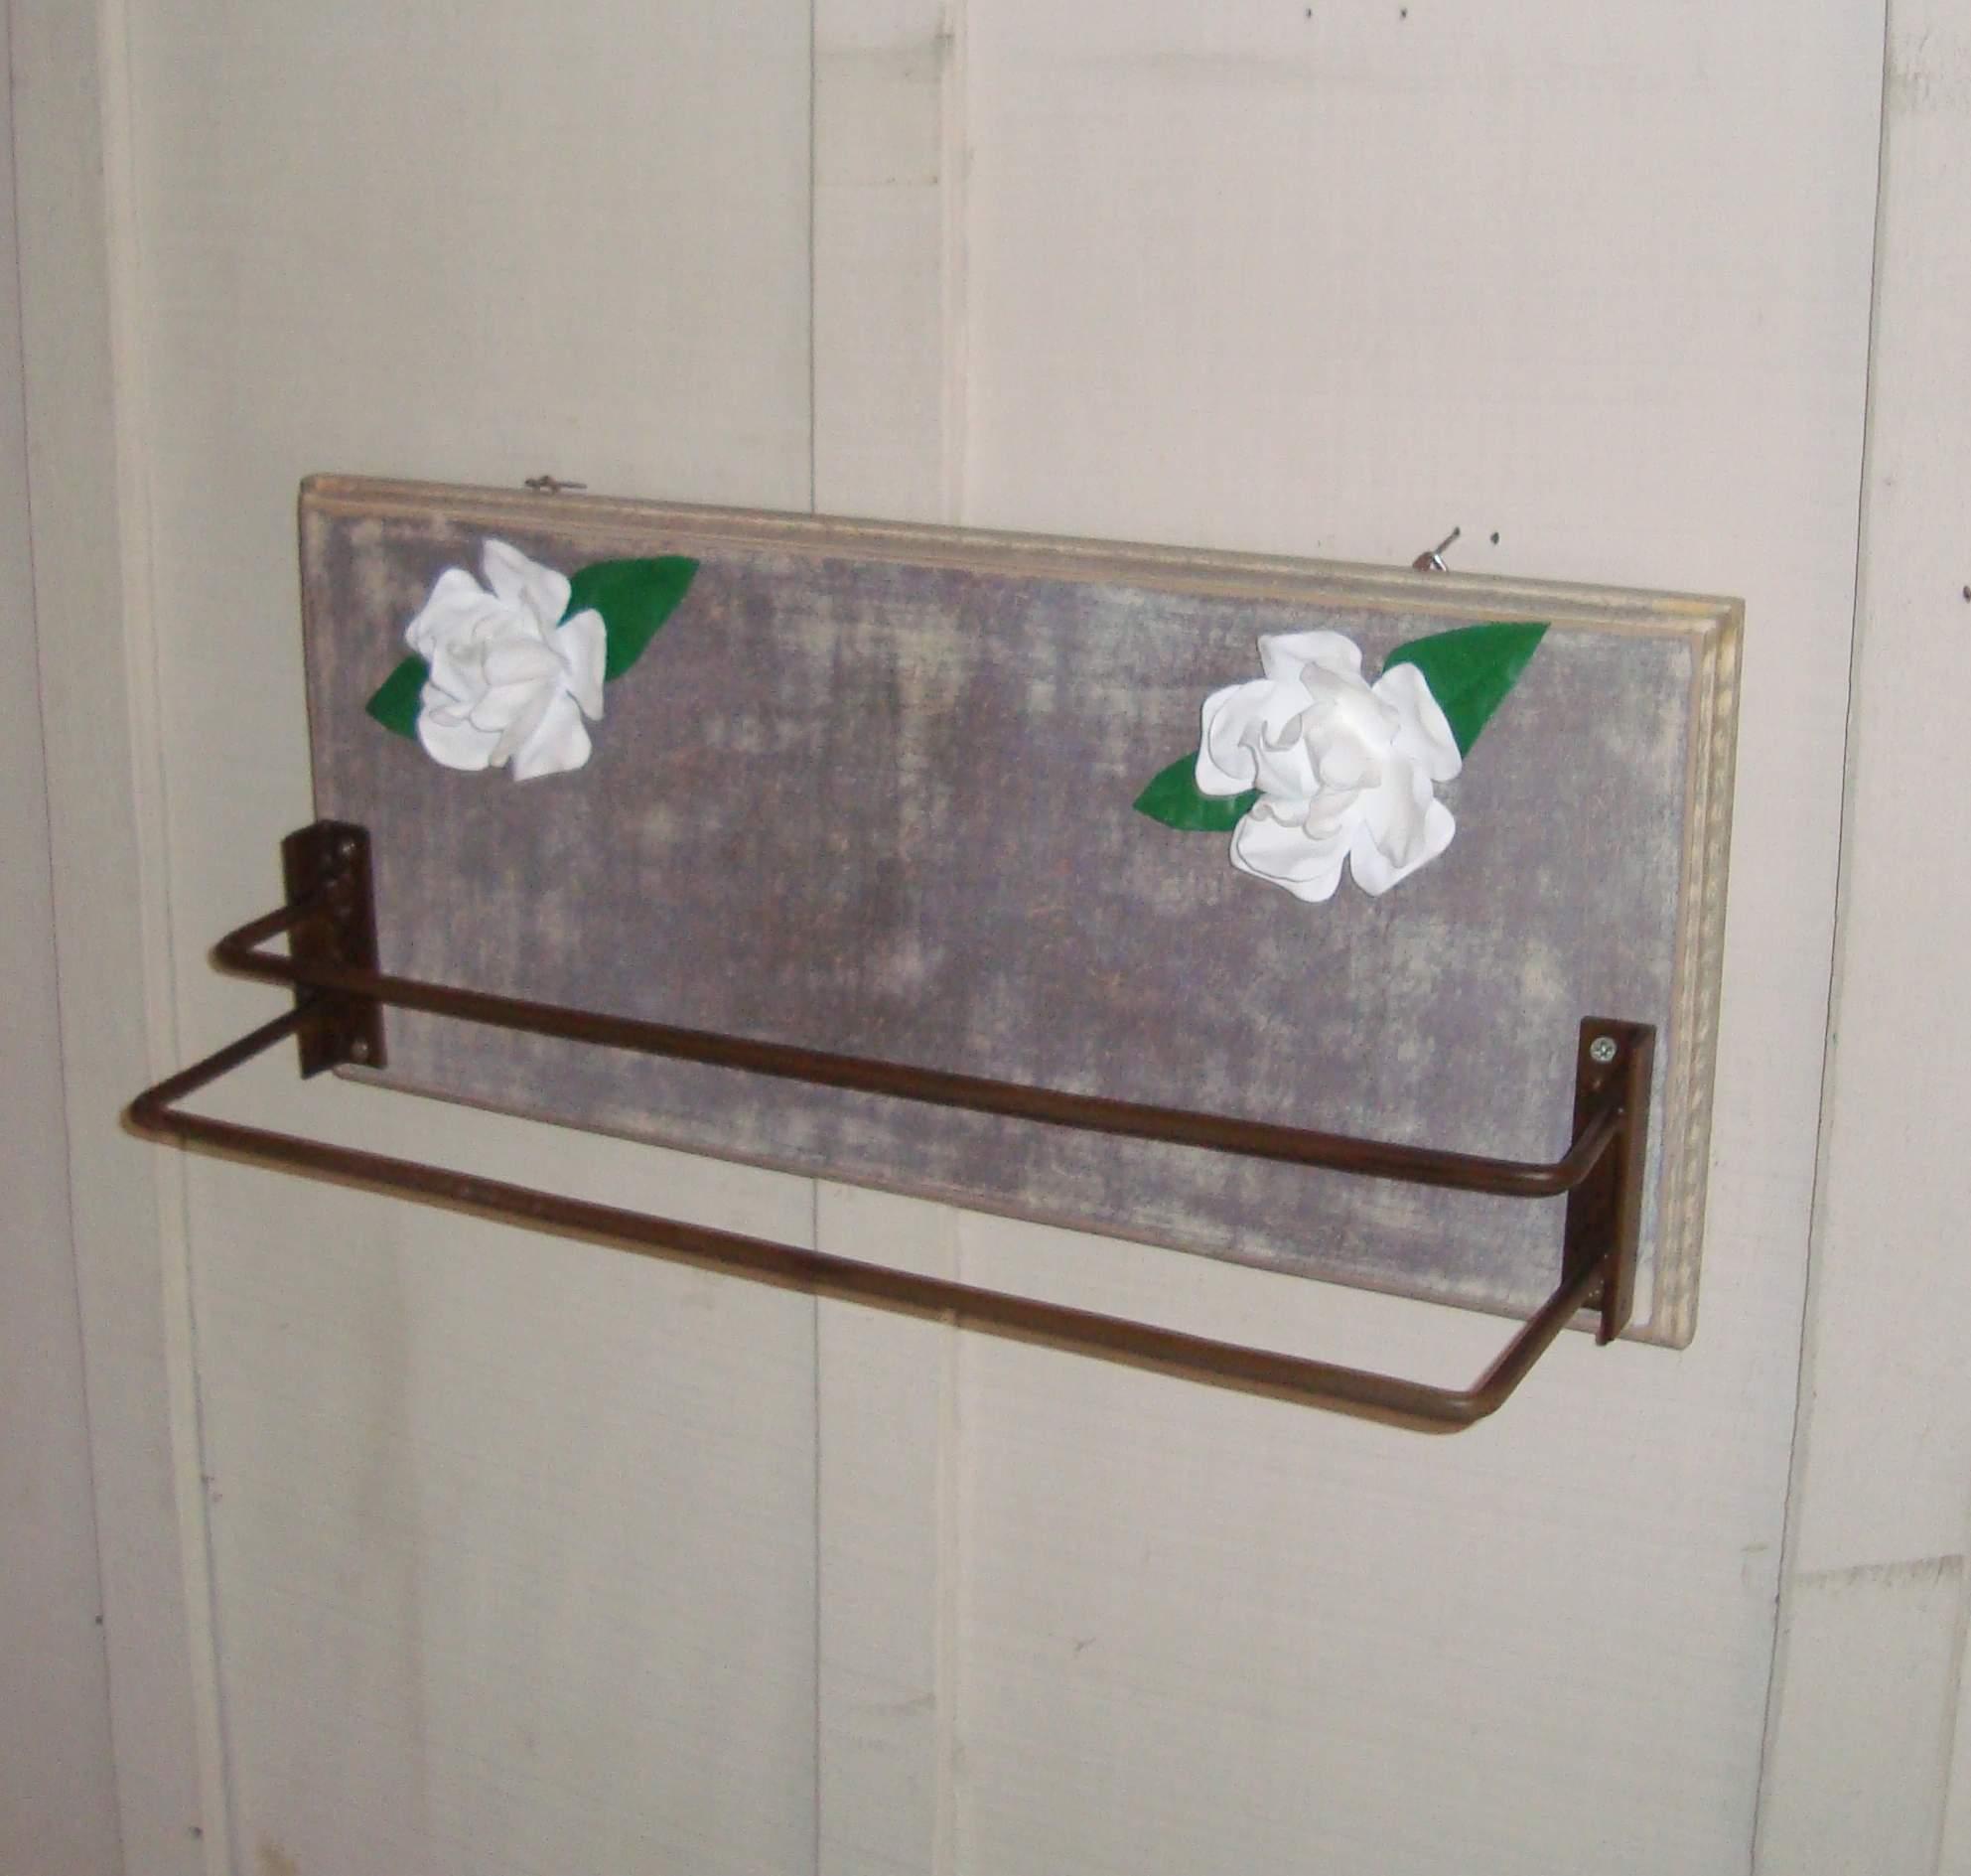 casal porta toalha casal 777 porta toalha casal suporte para toalhal #24613B 1985 1889